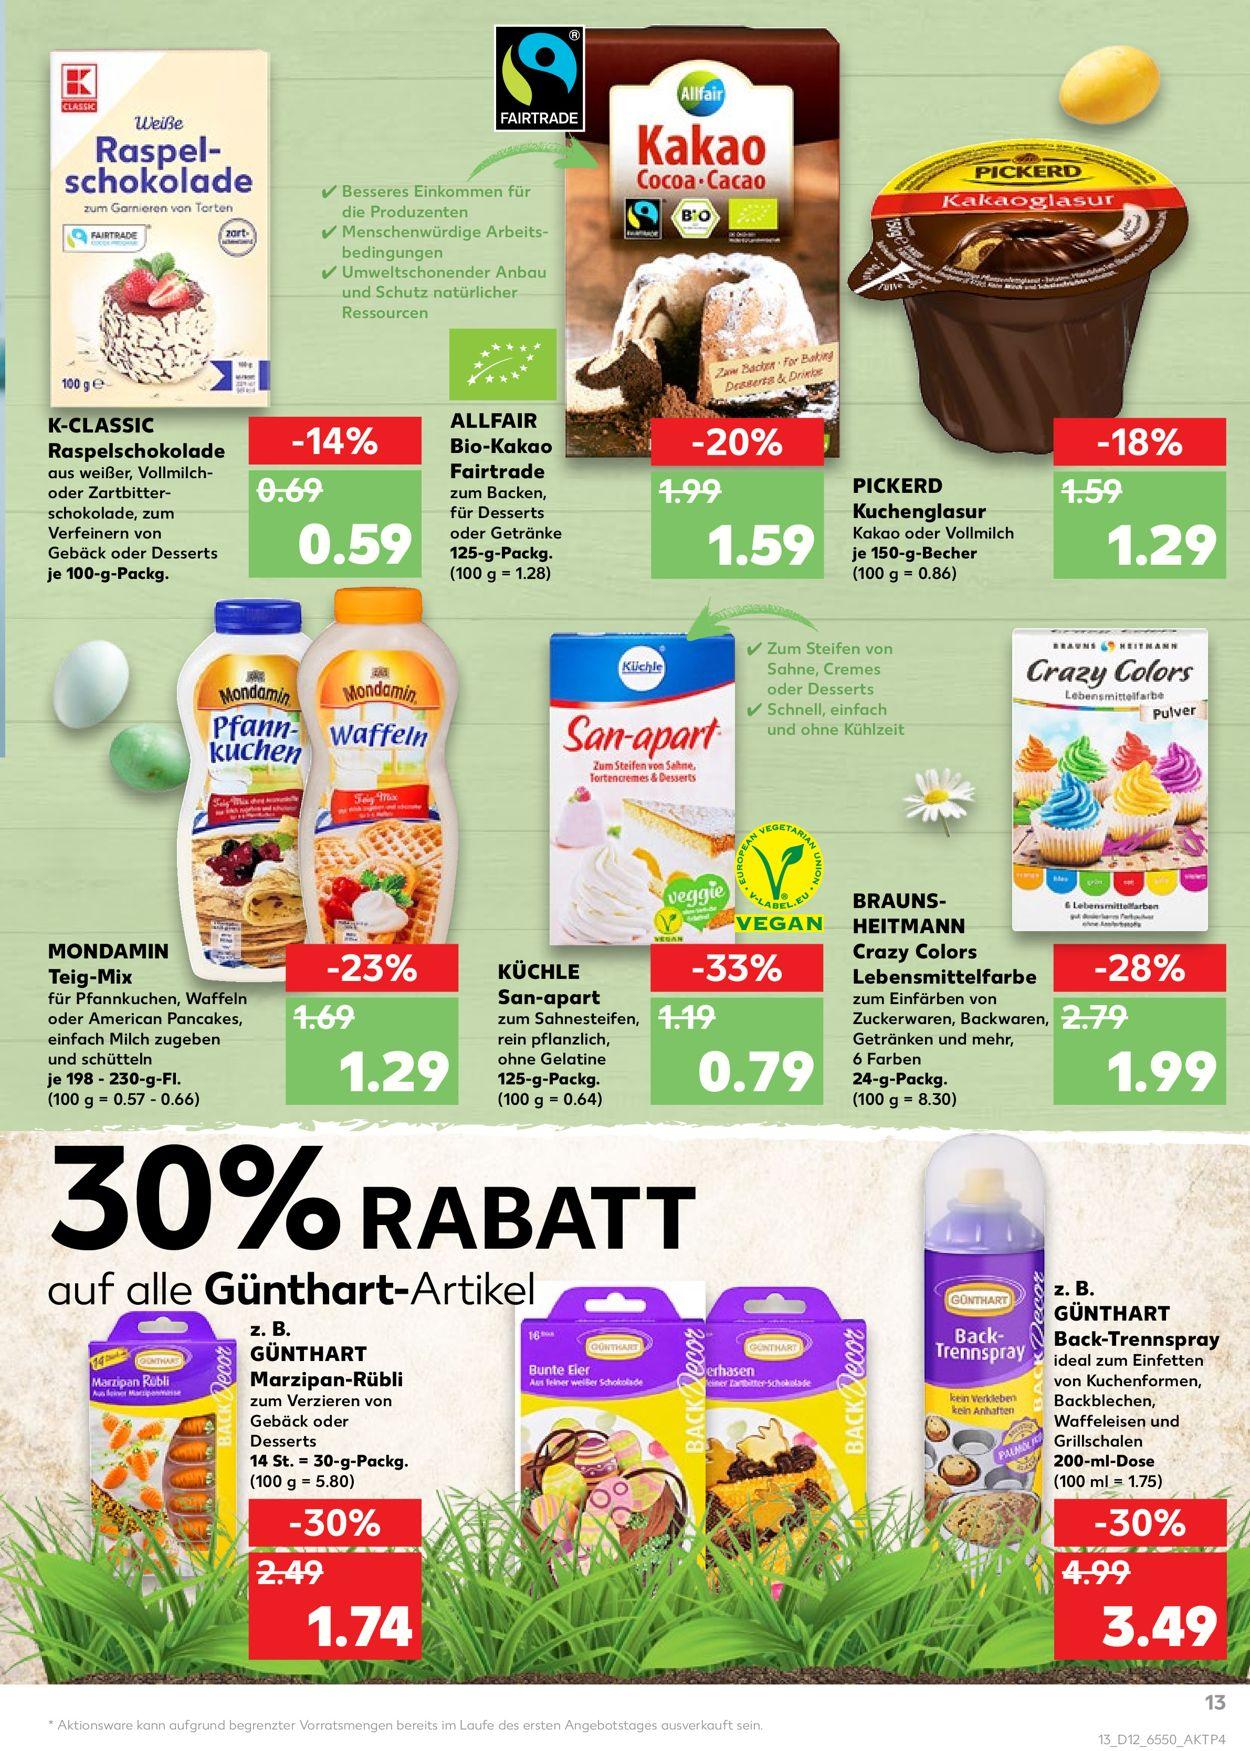 Kaufland Lebensmittelfarbe